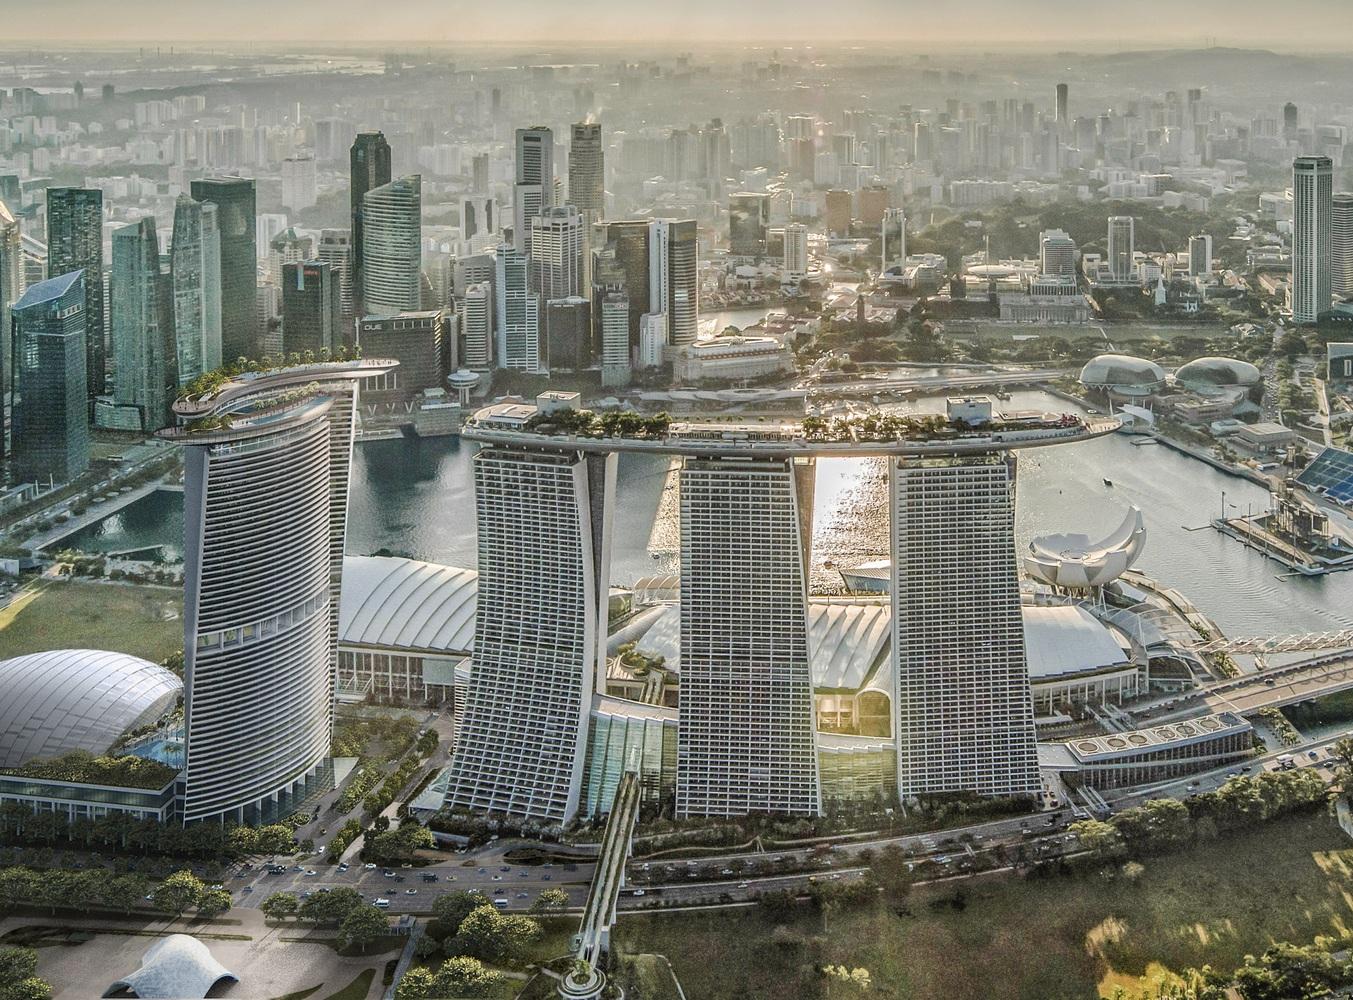 معماران Safdie یک برج چهارم برای Marina Bay Sands در سنگاپور طراحی می کنند